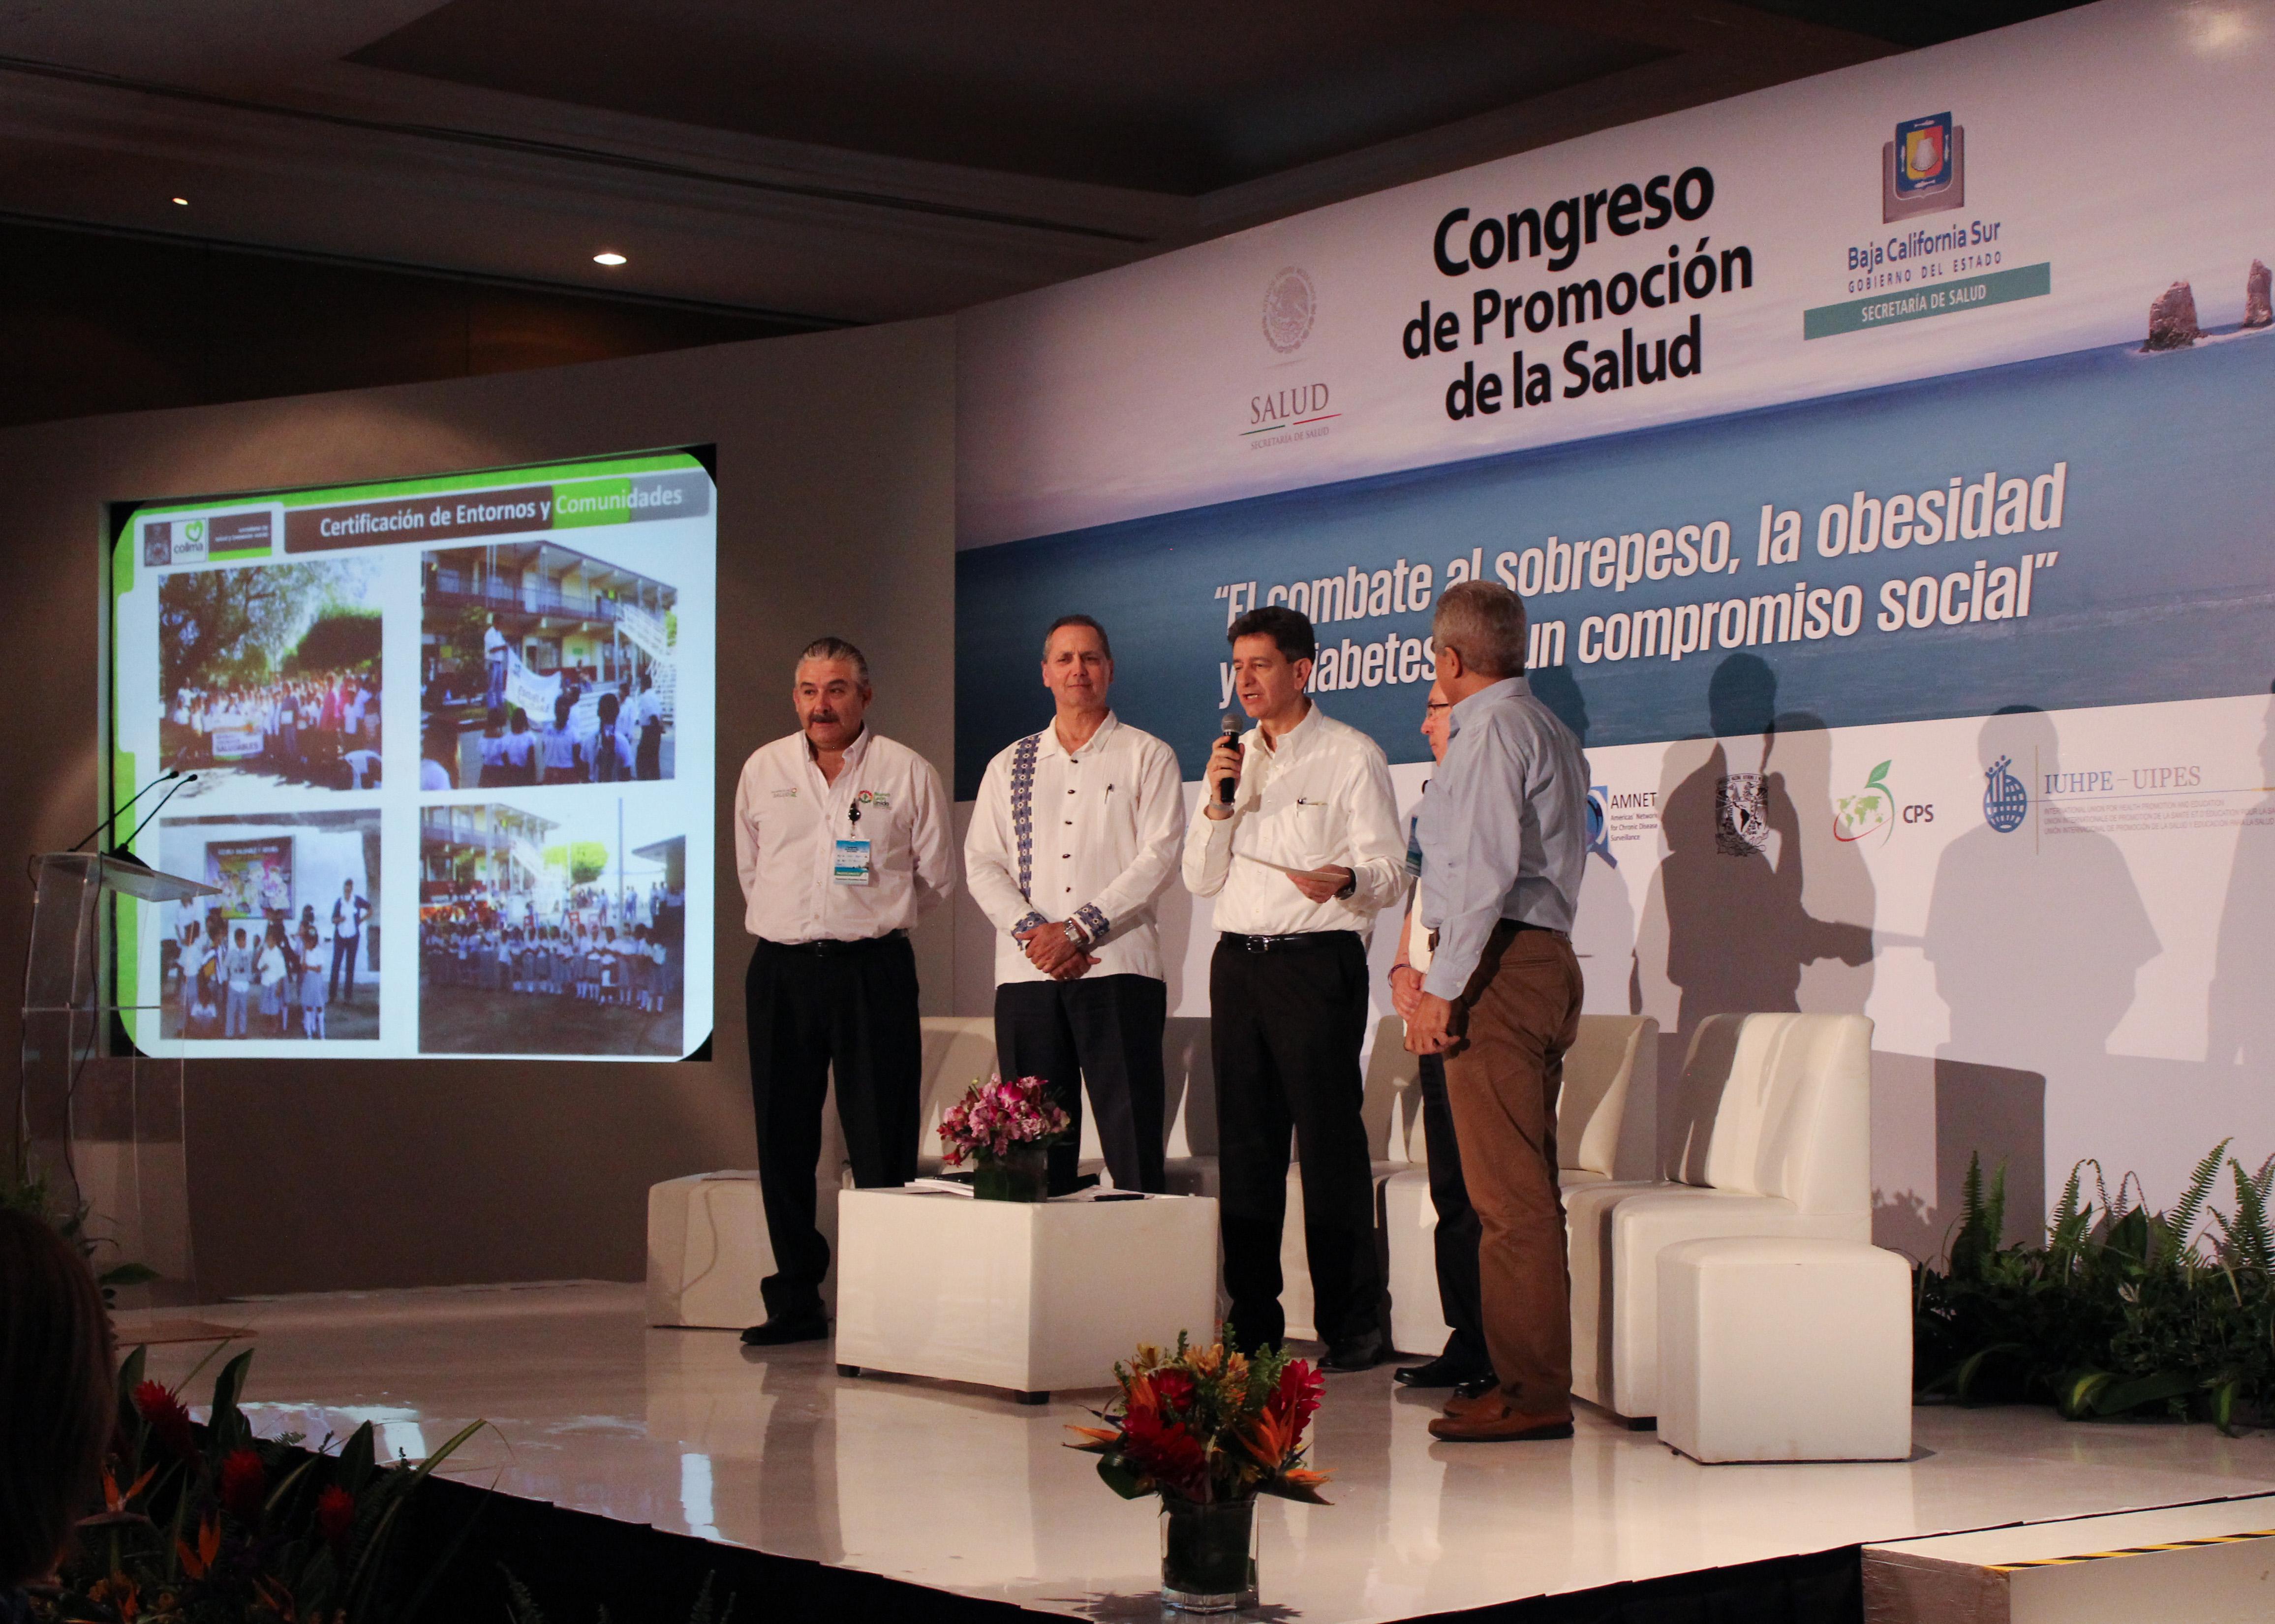 Congreso de Promocion de la Salud 5jpg